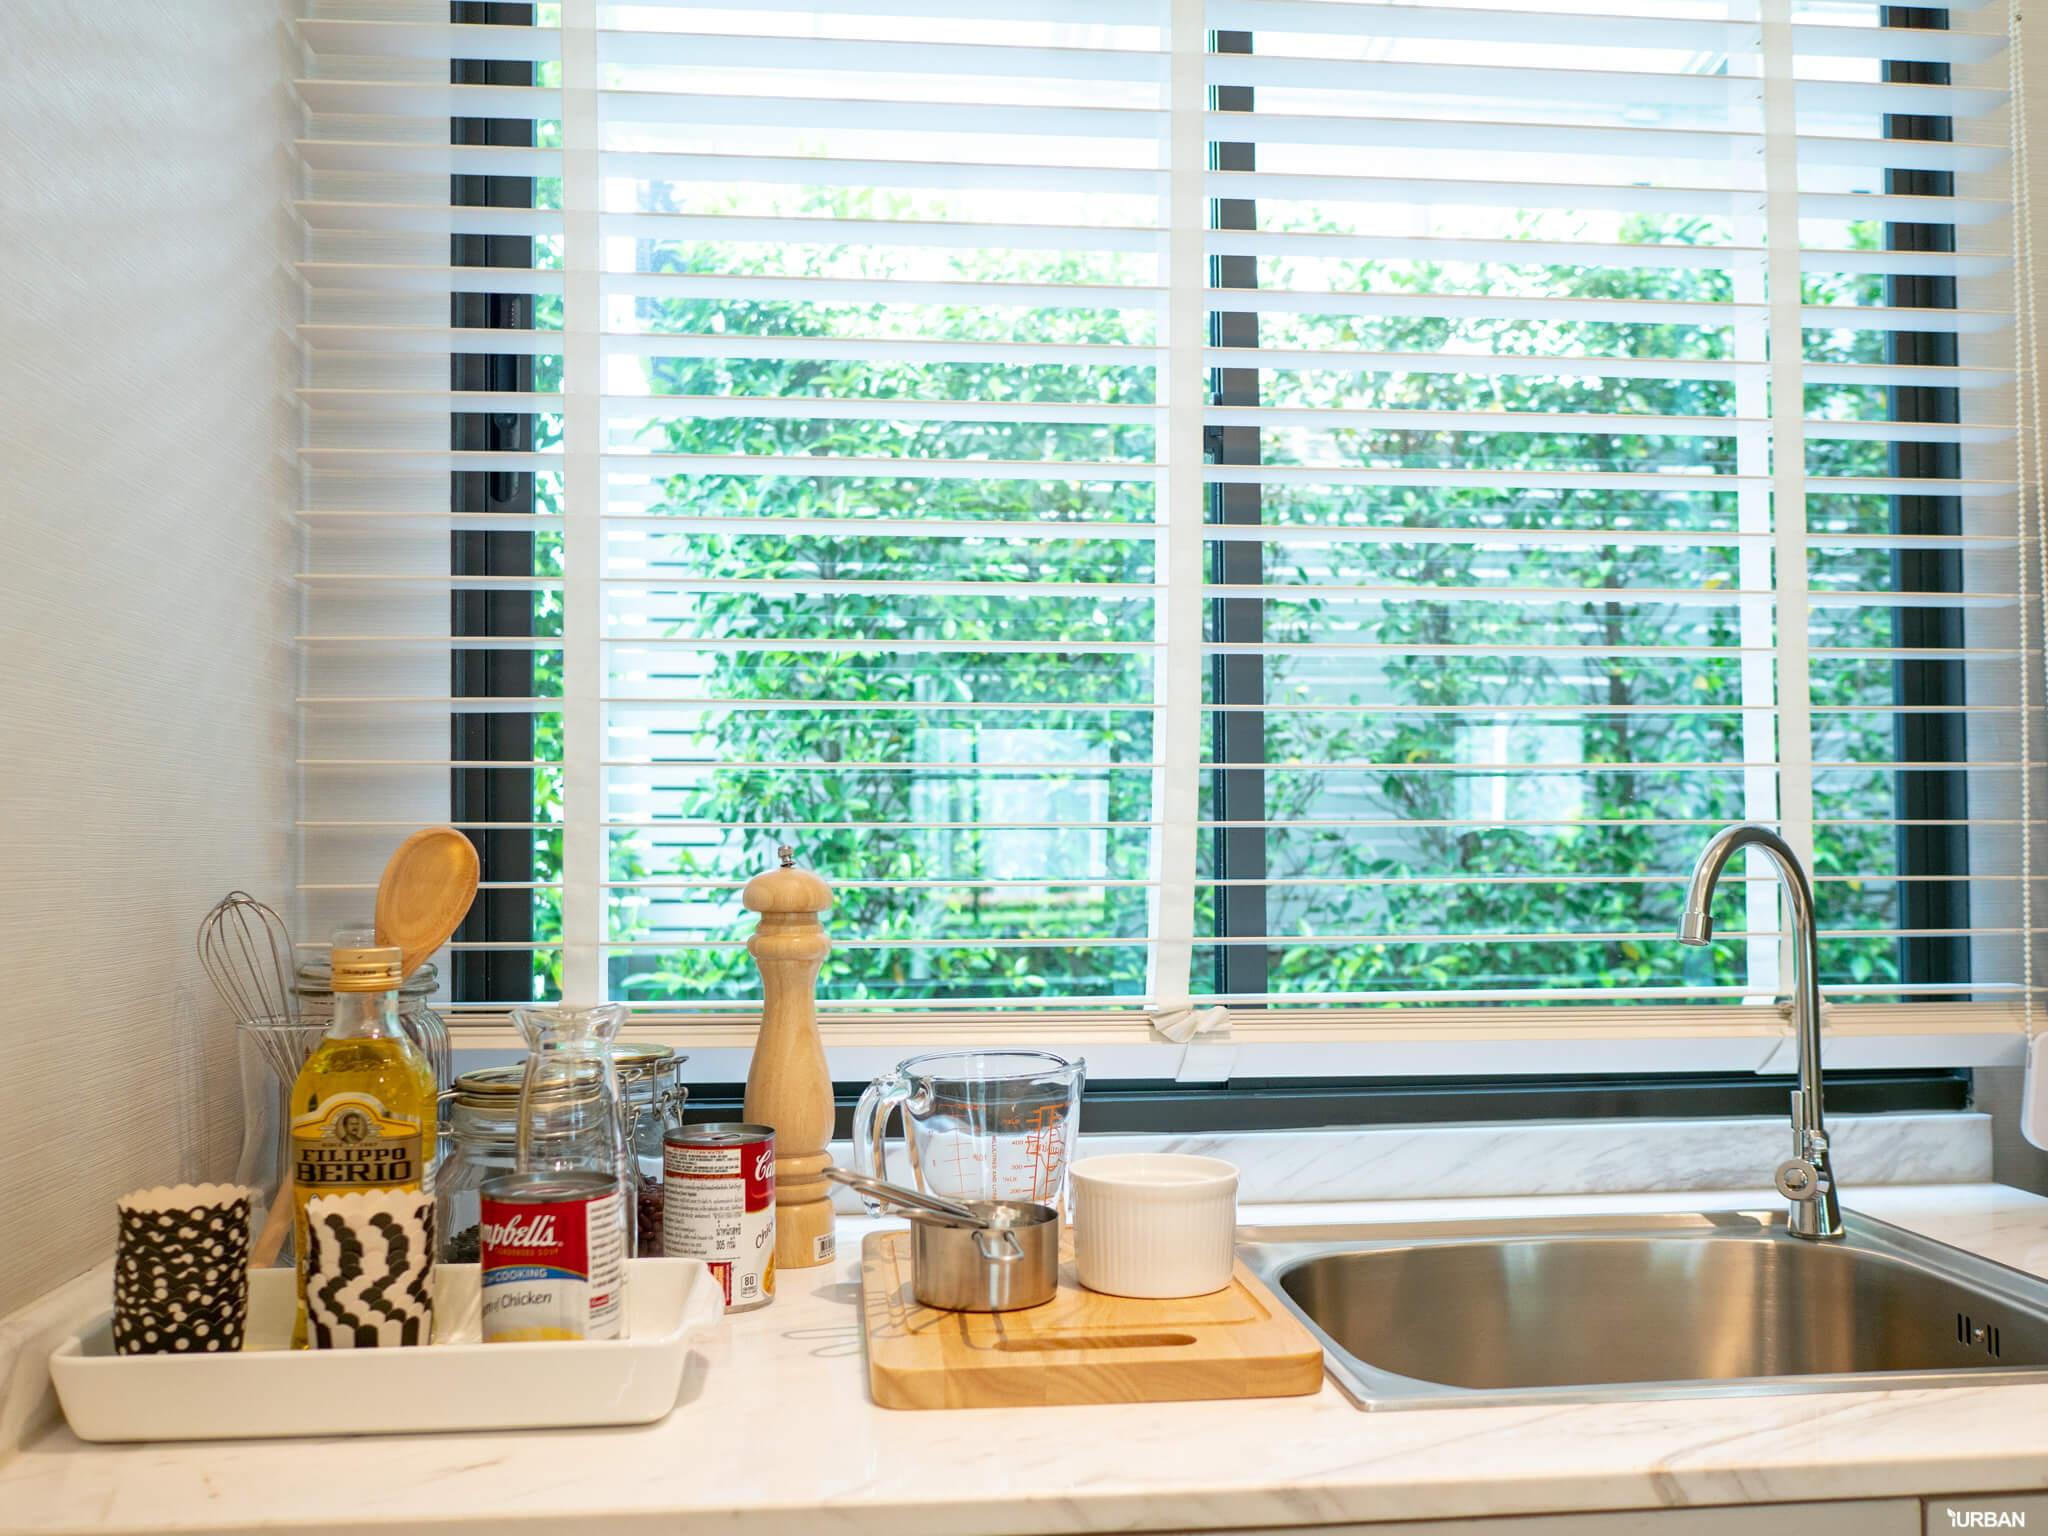 รีวิวทาวน์โฮม Pleno ปิ่นเกล้า - จรัญฯ การออกแบบที่ดีมากทั้งในบ้านและส่วนกลางที่ให้เกินราคา 41 - AP (Thailand) - เอพี (ไทยแลนด์)